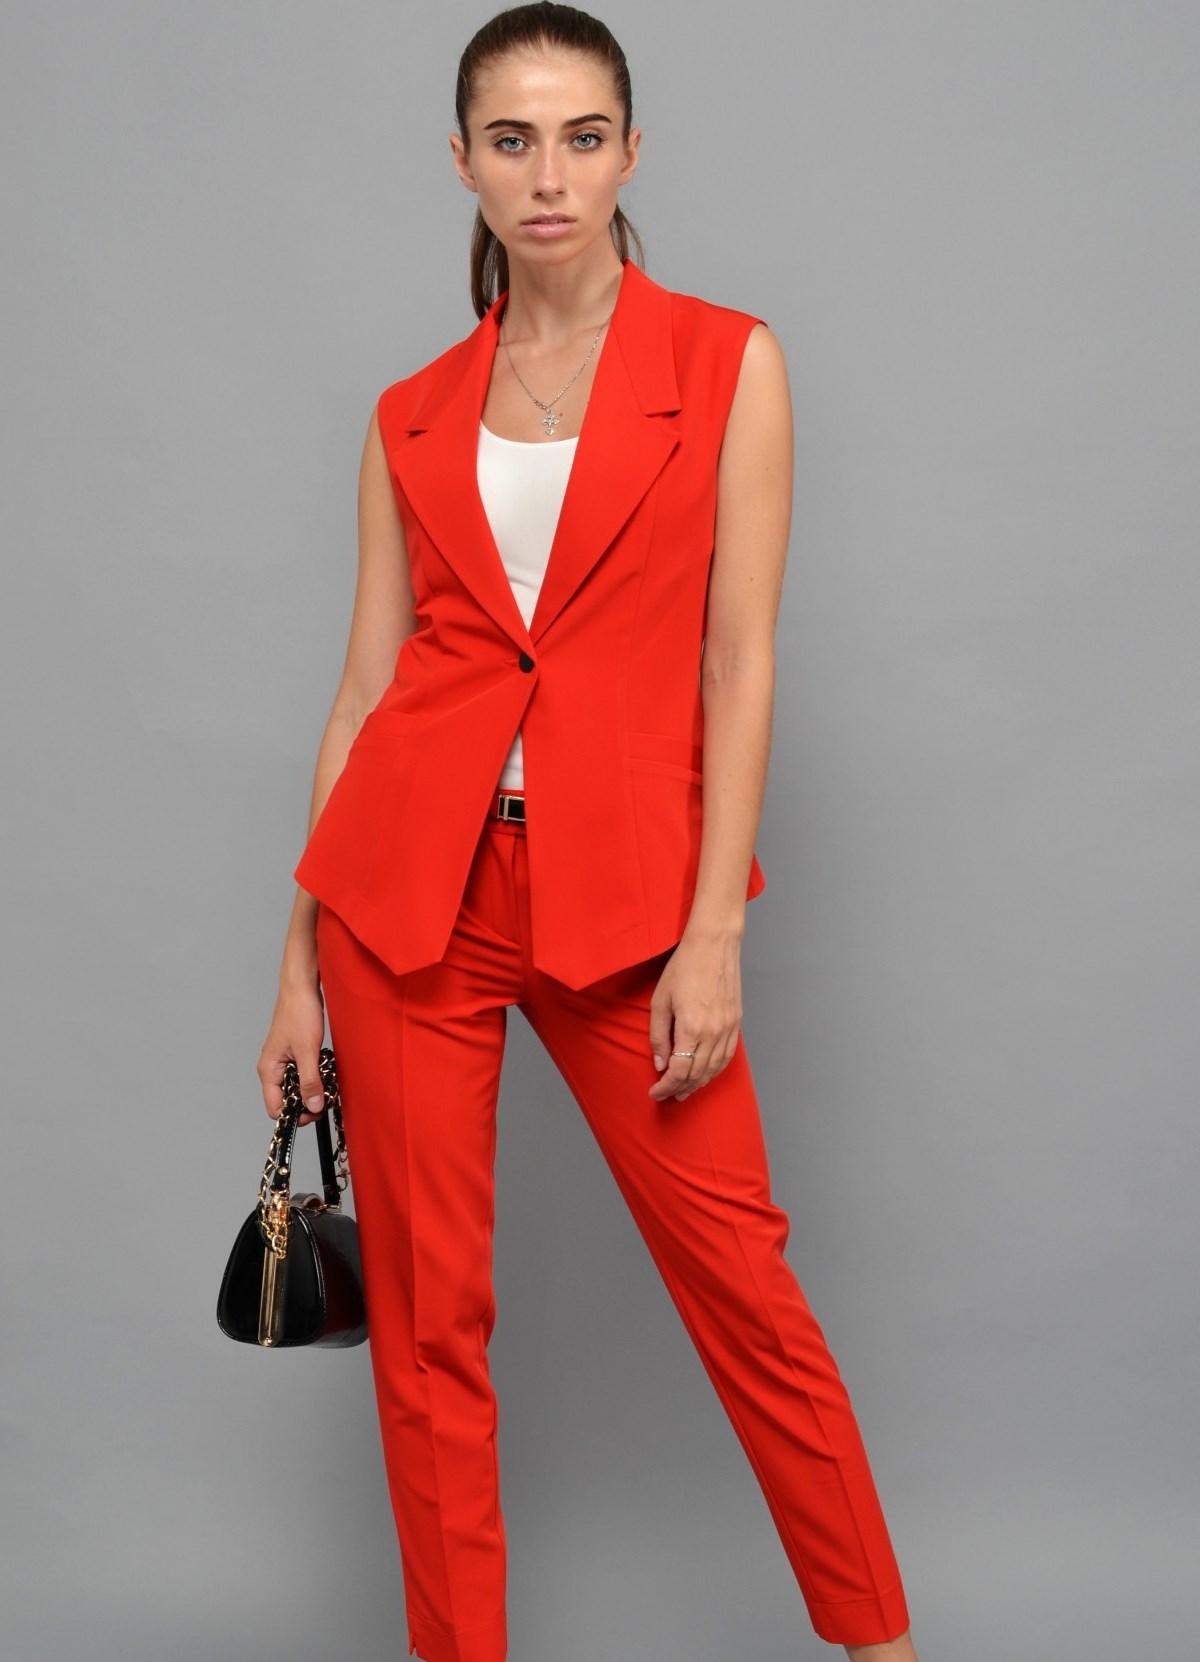 842704bffa7 женский красный костюм 1